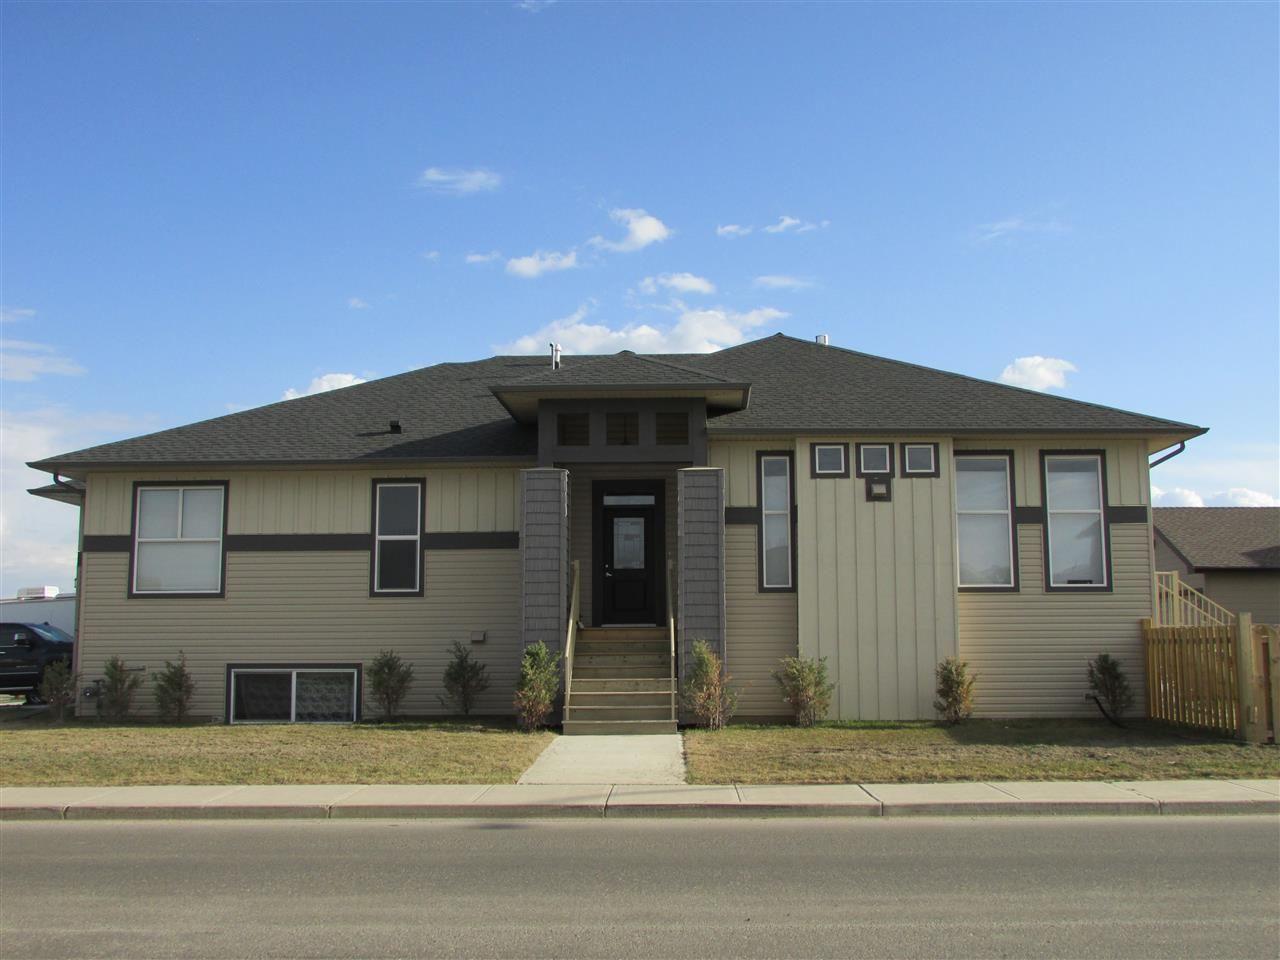 Main Photo: 11124 88 Street in Fort St. John: Fort St. John - City NE House for sale (Fort St. John (Zone 60))  : MLS®# R2267649